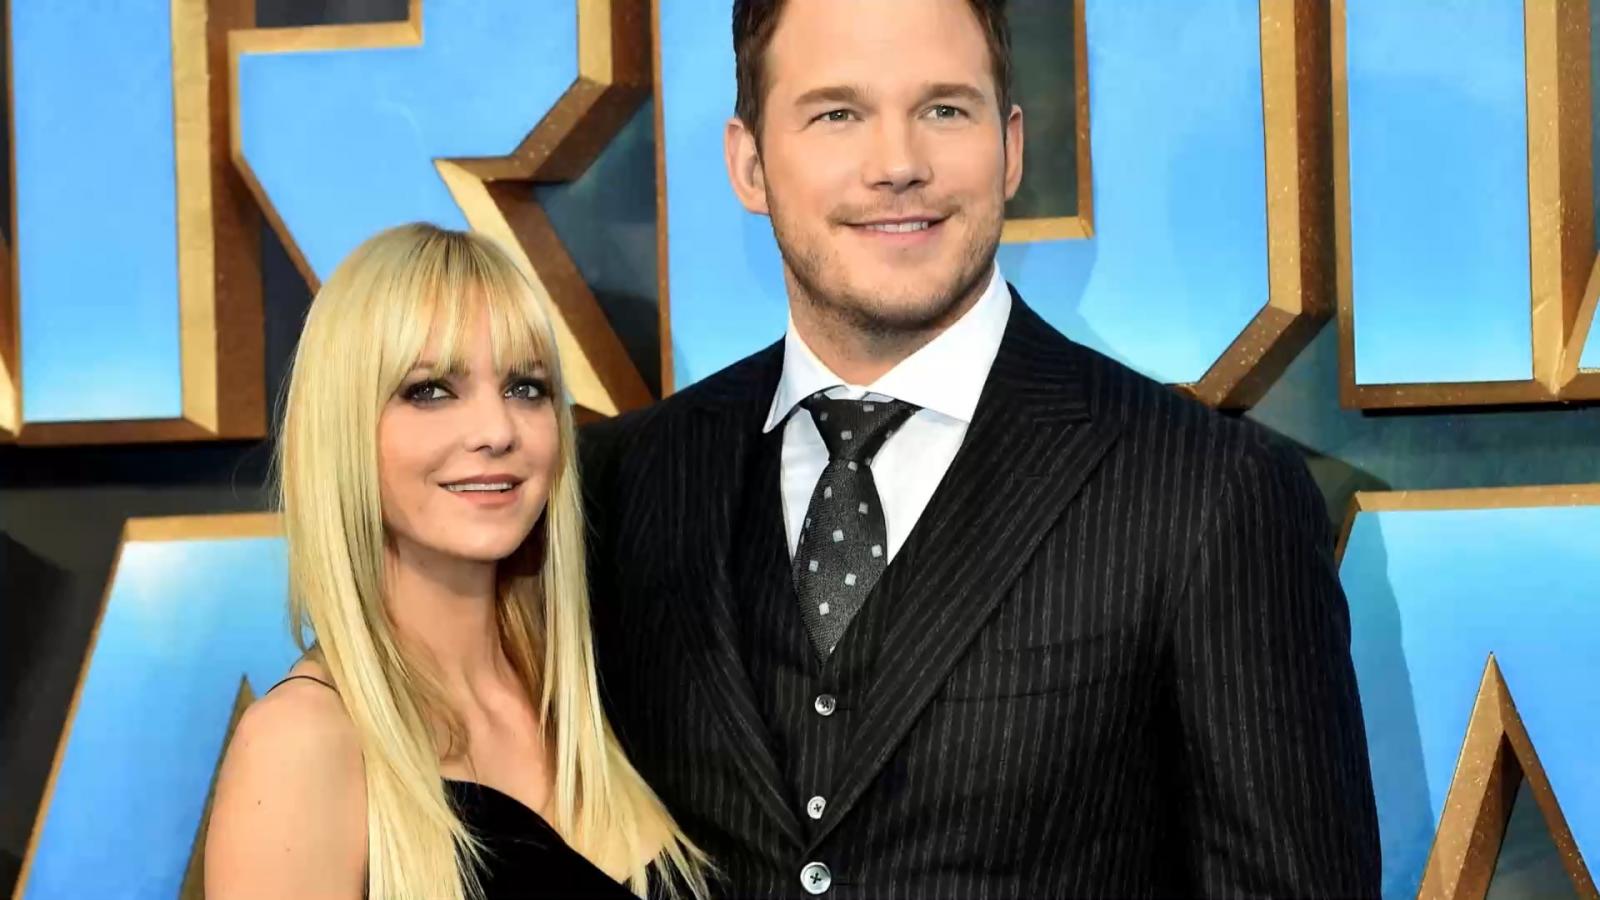 Chris Pratt and Anna Faris split reason revealed as Jennifer Lawrence is monstered on Twitter